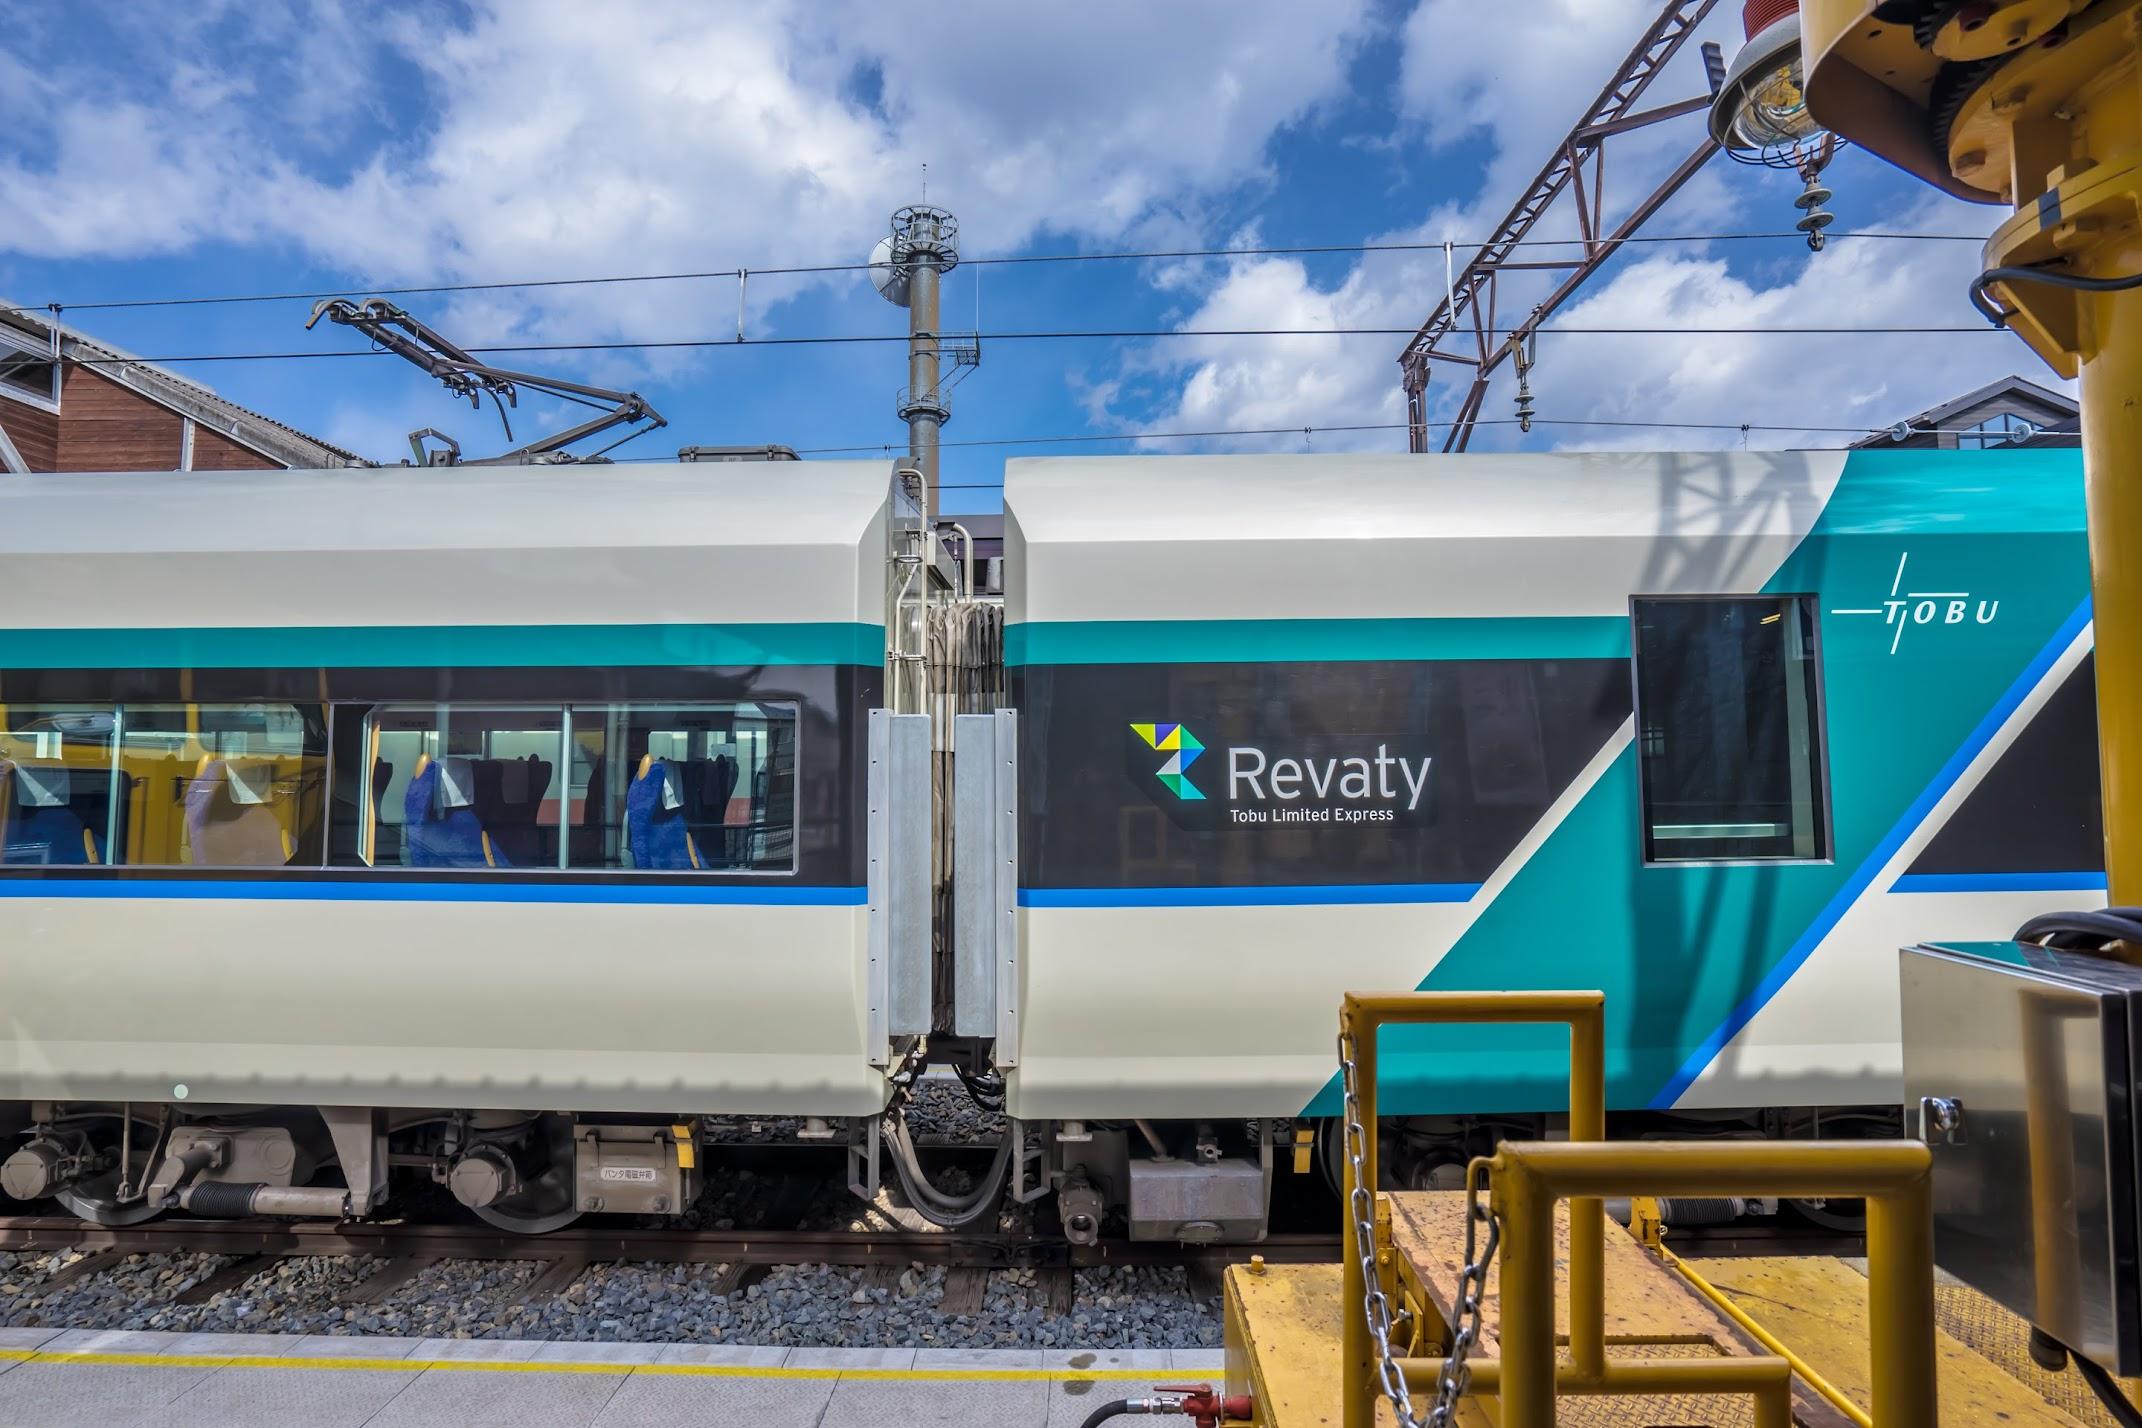 Tobu Railway Revaty2